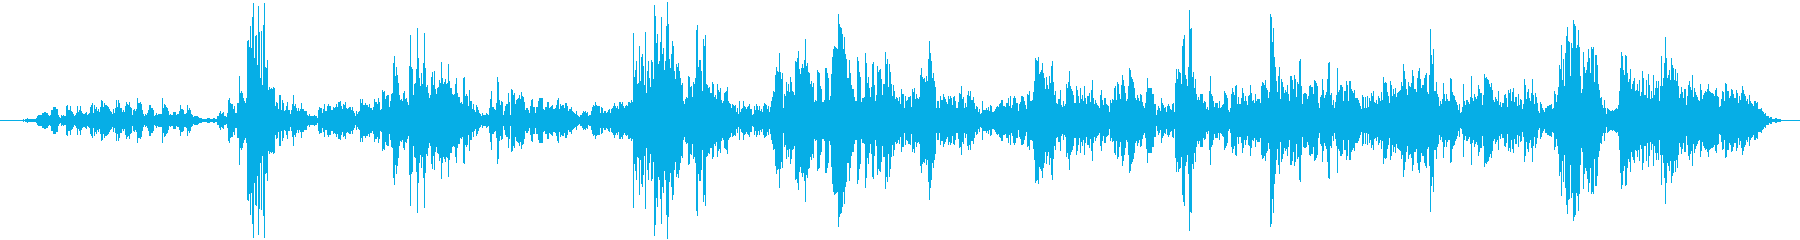 低いマフィンの成長クリーチャーのう...の再生済みの波形